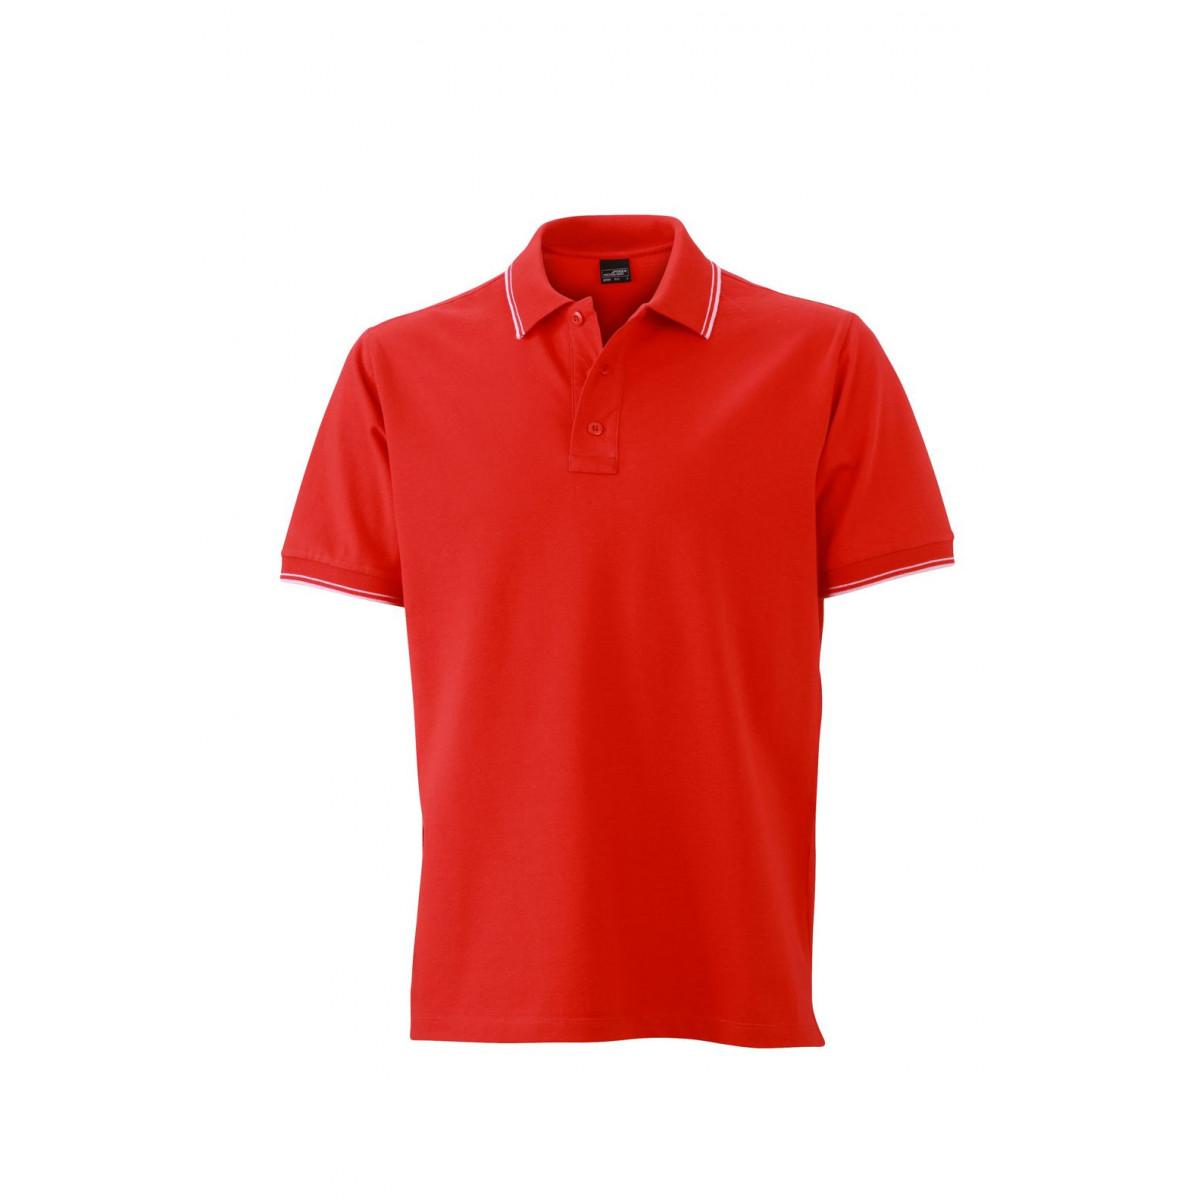 Рубашка поло мужская JN986 Mens Polo - Томатный/Белый